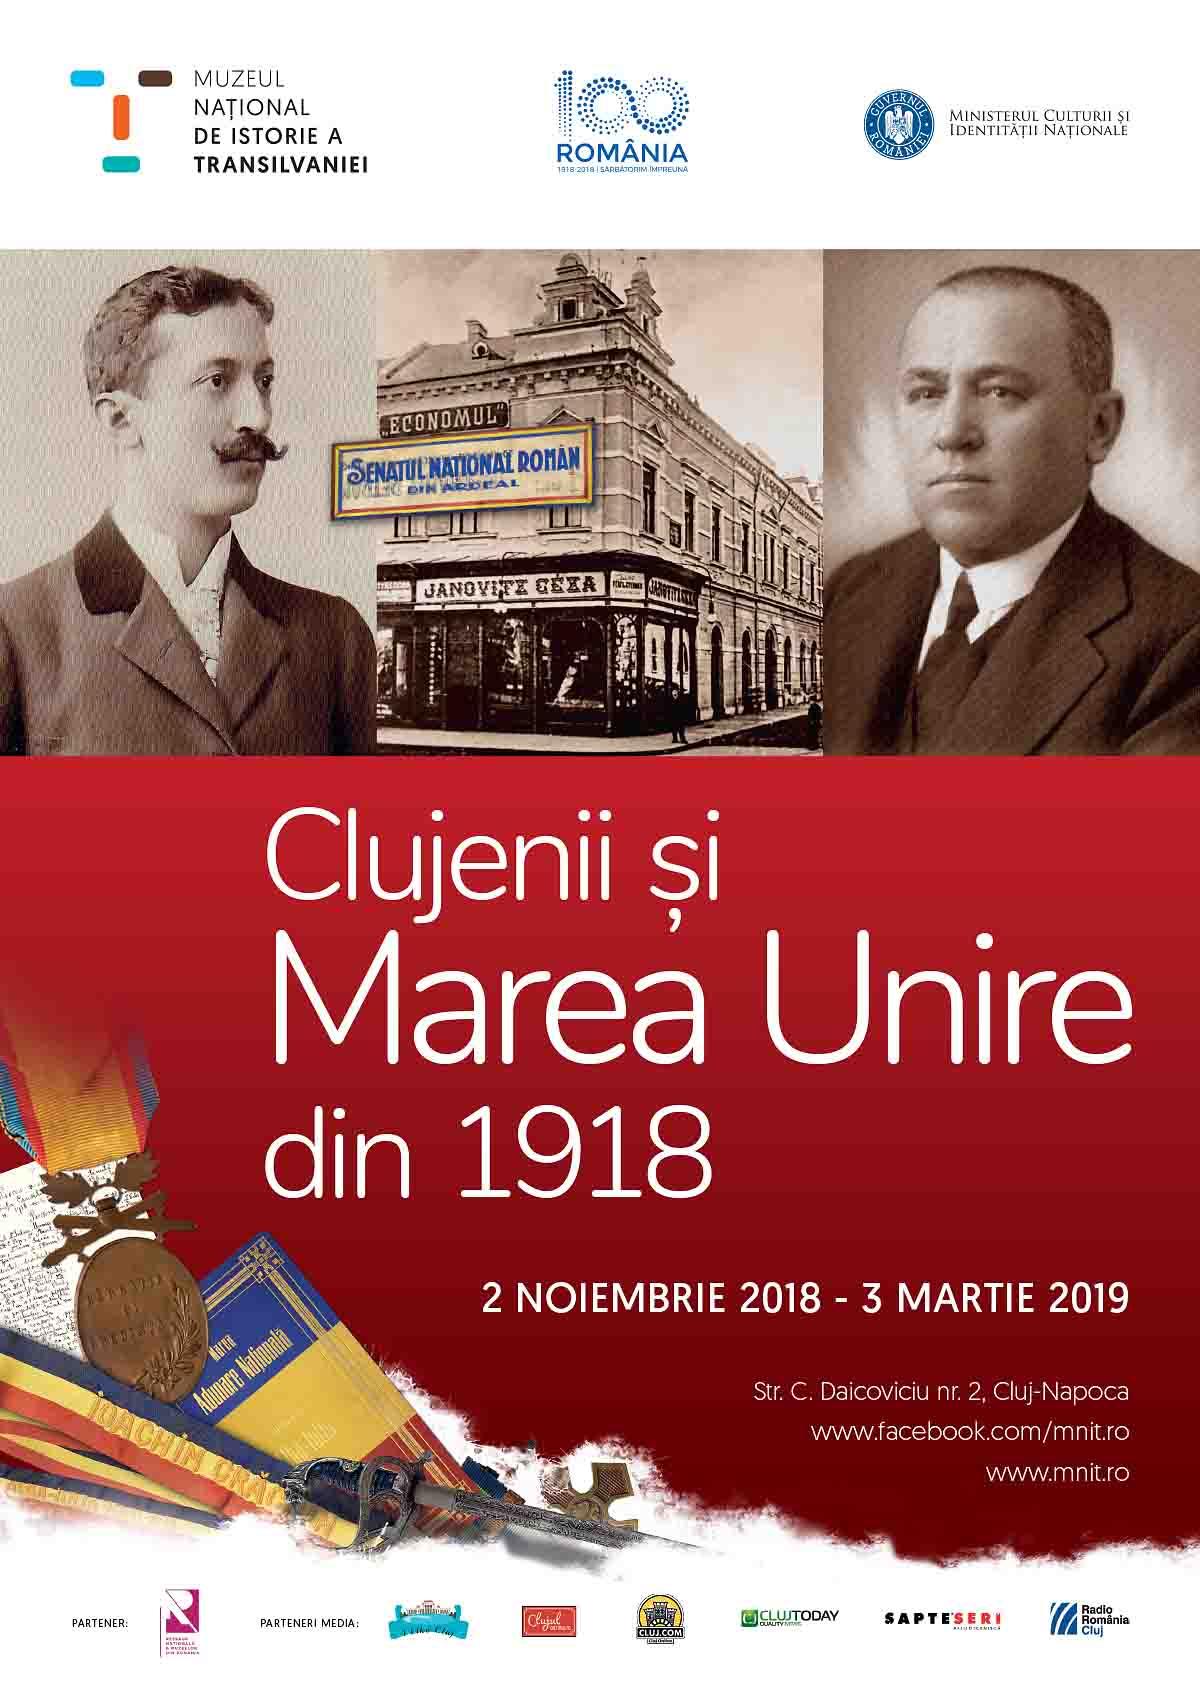 """Expoziţia """"Clujenii şi Marea Unire din 1918"""", la Muzeul Naţional de Istorie al Transilvaniei"""